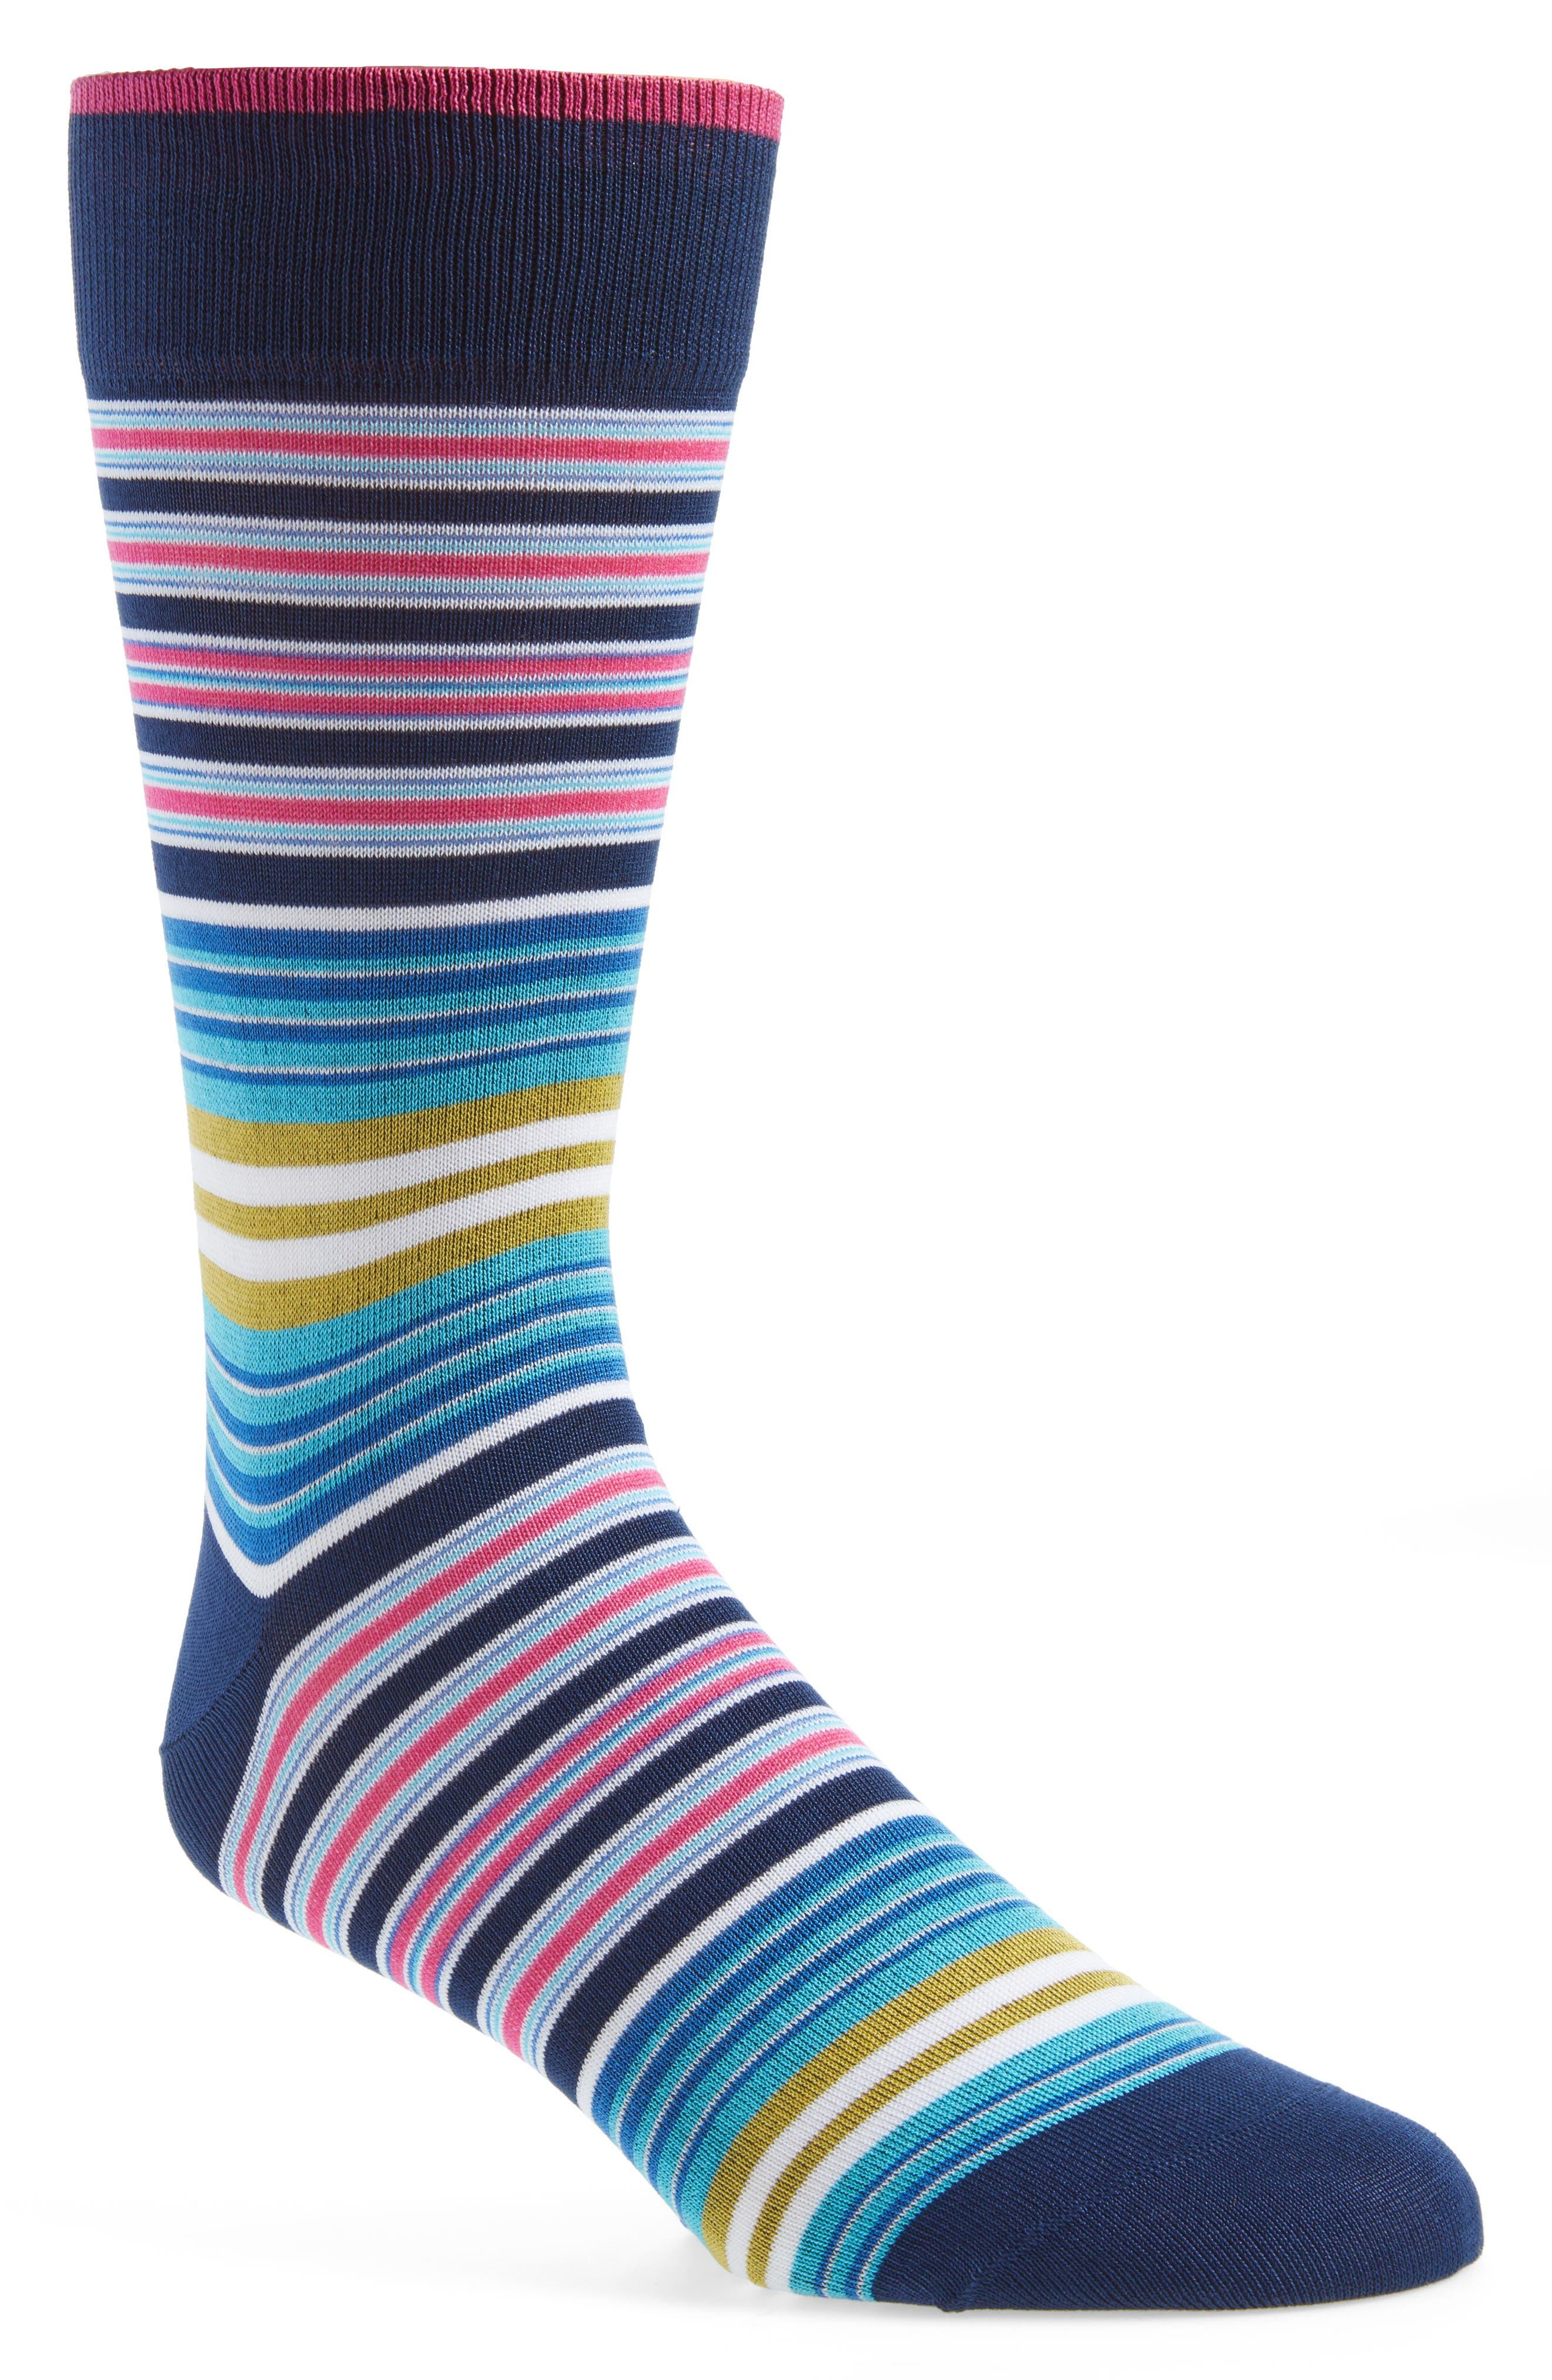 Stripe Socks,                             Main thumbnail 1, color,                             411